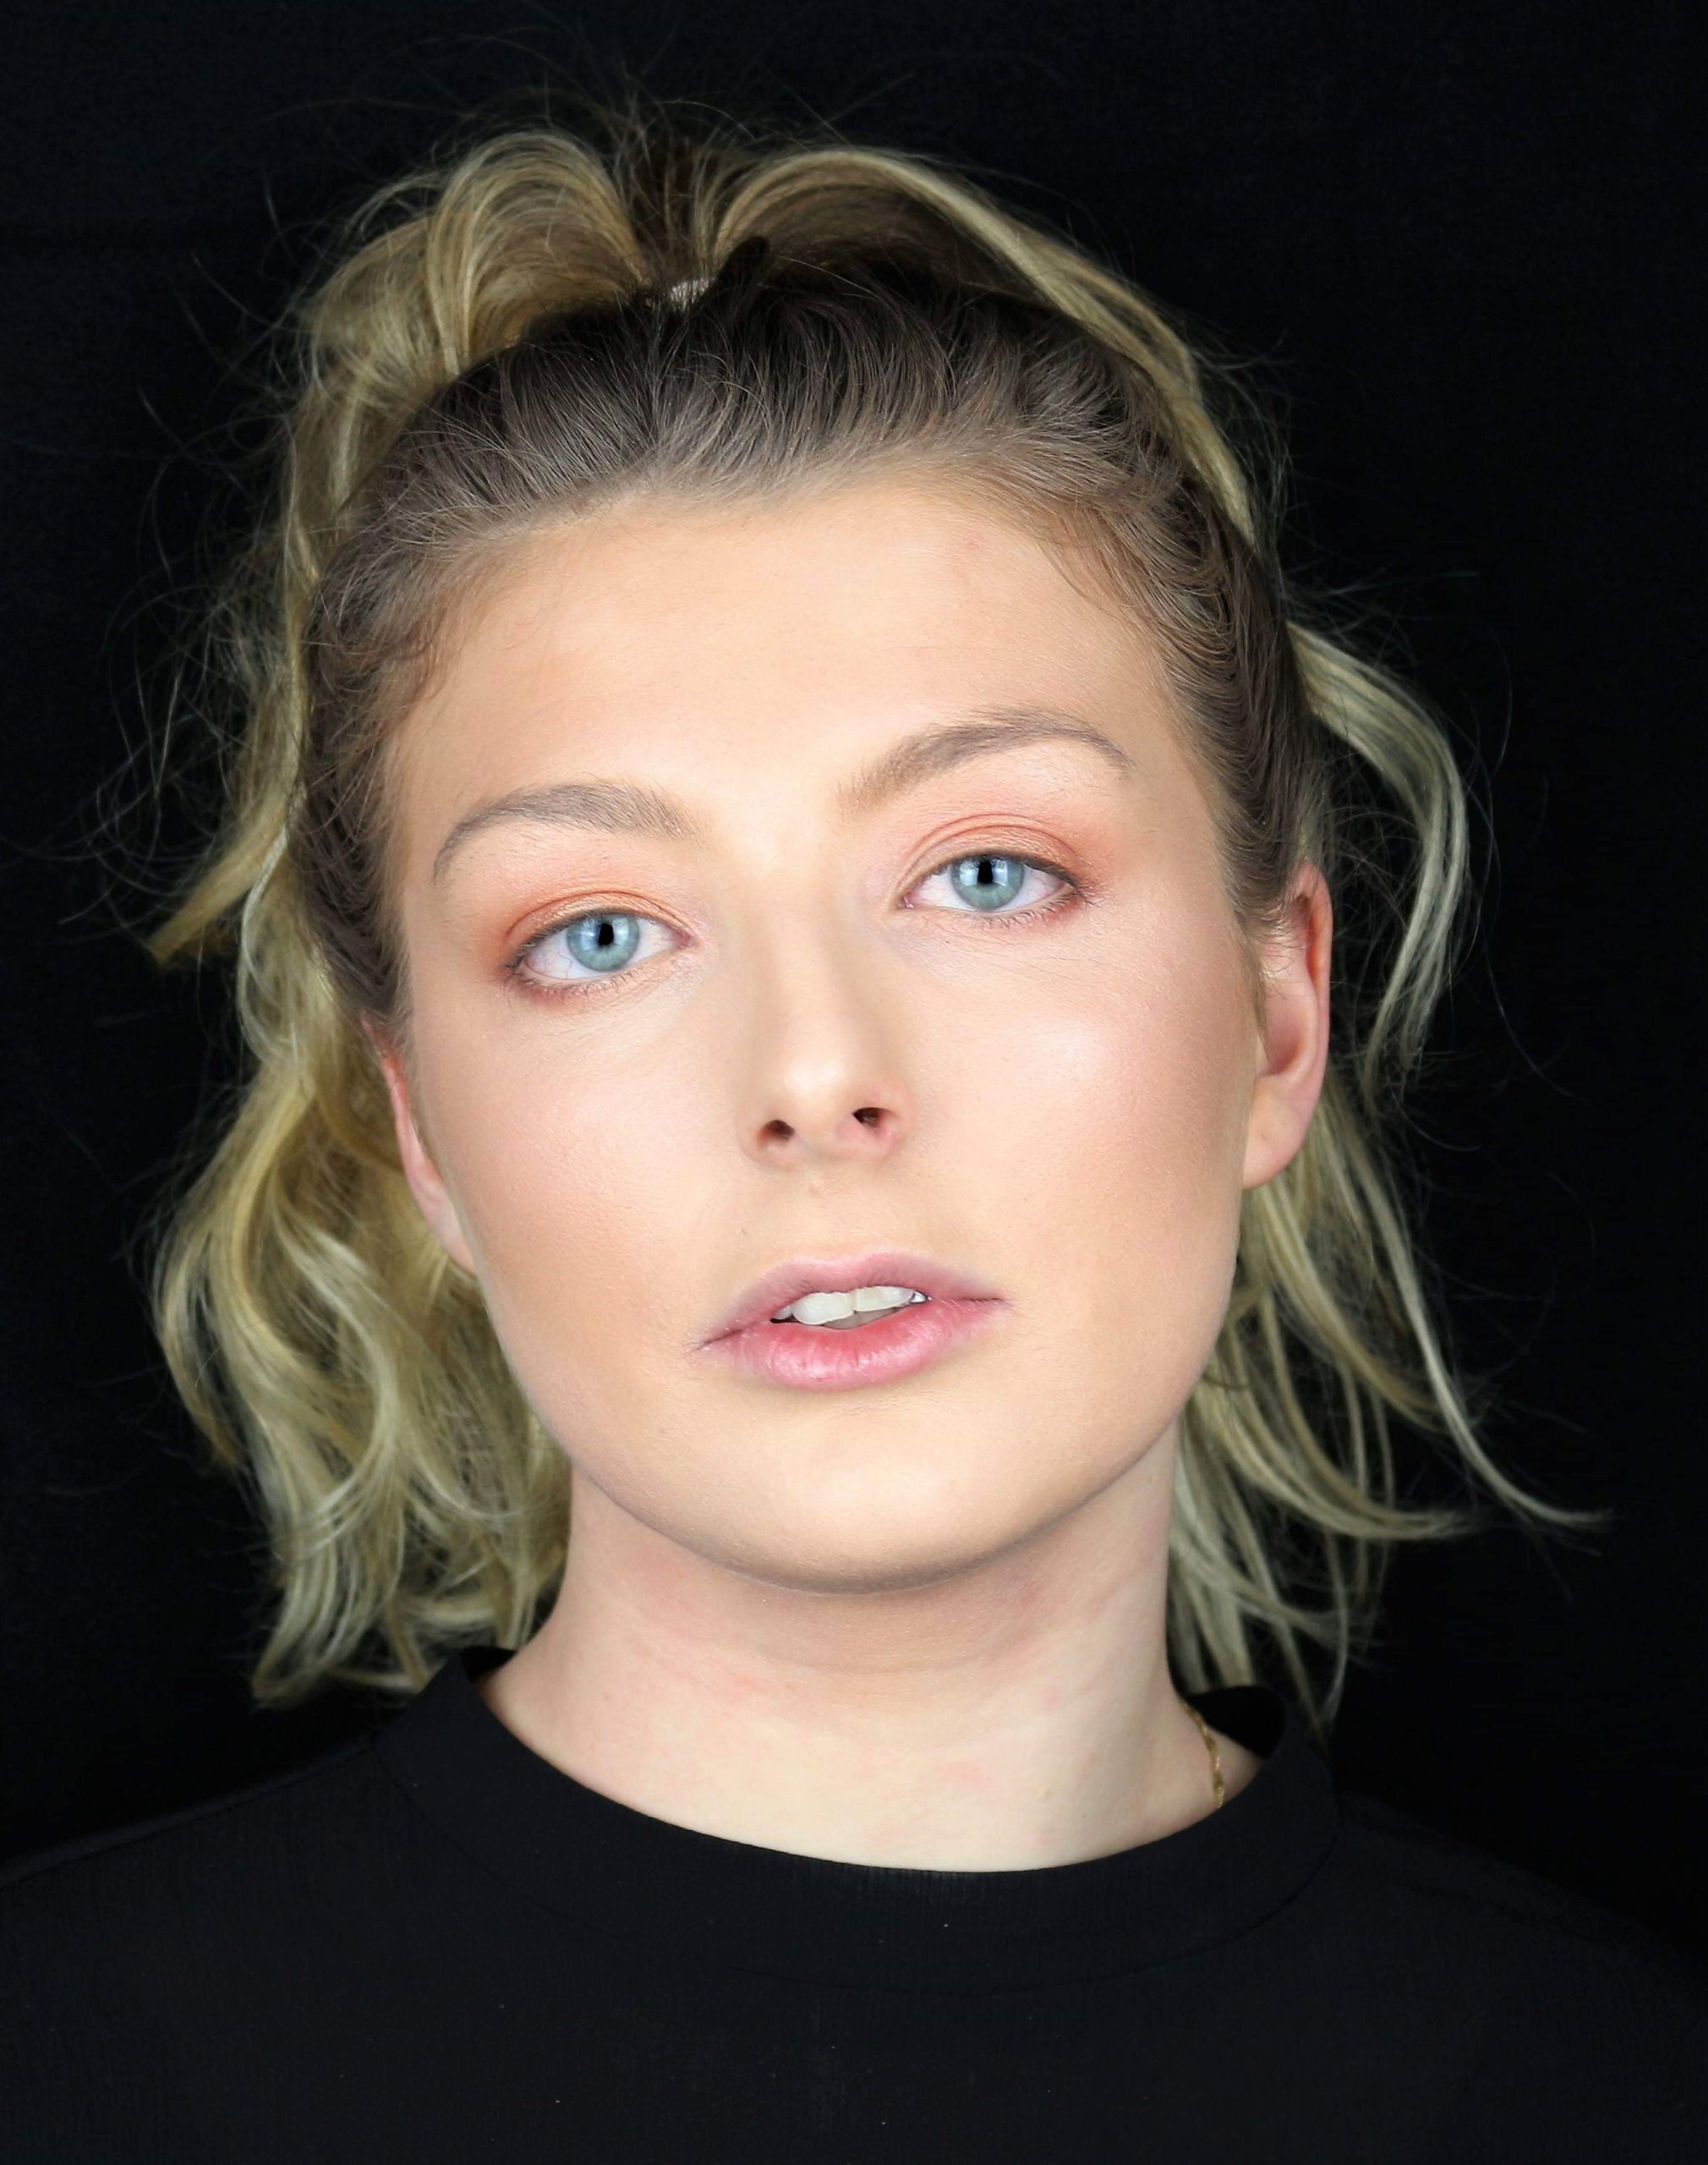 headshot of Amelia